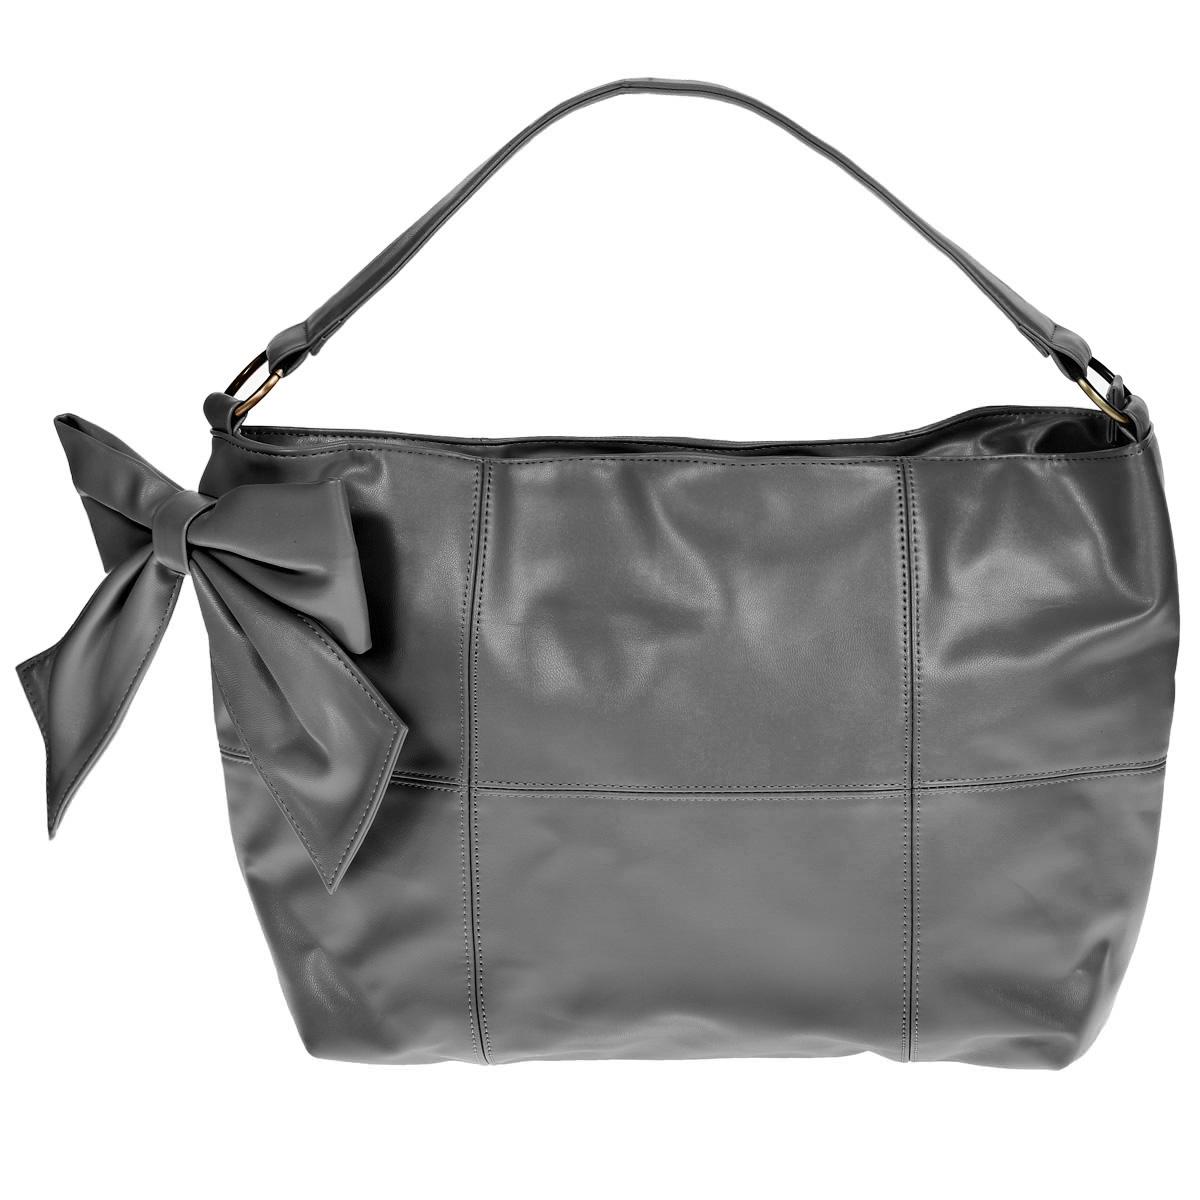 Сумка женская Marmalato, цвет: серый. 328-195_42182328-195_42182Оригинальная женская сумка Marmalato, выполненная из искусственной кожи серого цвета, спереди оформлена вставкой из кожи в виде бантика. Сумка закрывается на застежку-молнию. Состоит из одного большого отделения, внутри вшитый карман на застежке-молнии и два нашивных кармана для мелочей. Этот стильный аксессуар станет великолепным дополнением вашего образа. Характеристики: Цвет: серый. Размер (без учета ручек): 44 см х 31 см х 12 см. Высота ручек: 11 см. Материал сумки: искусственная кожа, металл, текстиль. Производитель: Китай. Артикул: 328-195_42182. Рекомендации по уходу: Чистить изделие из искусственной кожи следует влажным тампоном из ваты или поролона, смоченным в теплом растворе моющего средства для синтетики. Сушить при комнатной температуре в подвешенном виде. Важно не намочить изнанку и подкладочную ткань - это может повлечь за собой деформацию изделия. Не стоит обрабатывать изделия из искусственной кожи кремами -...